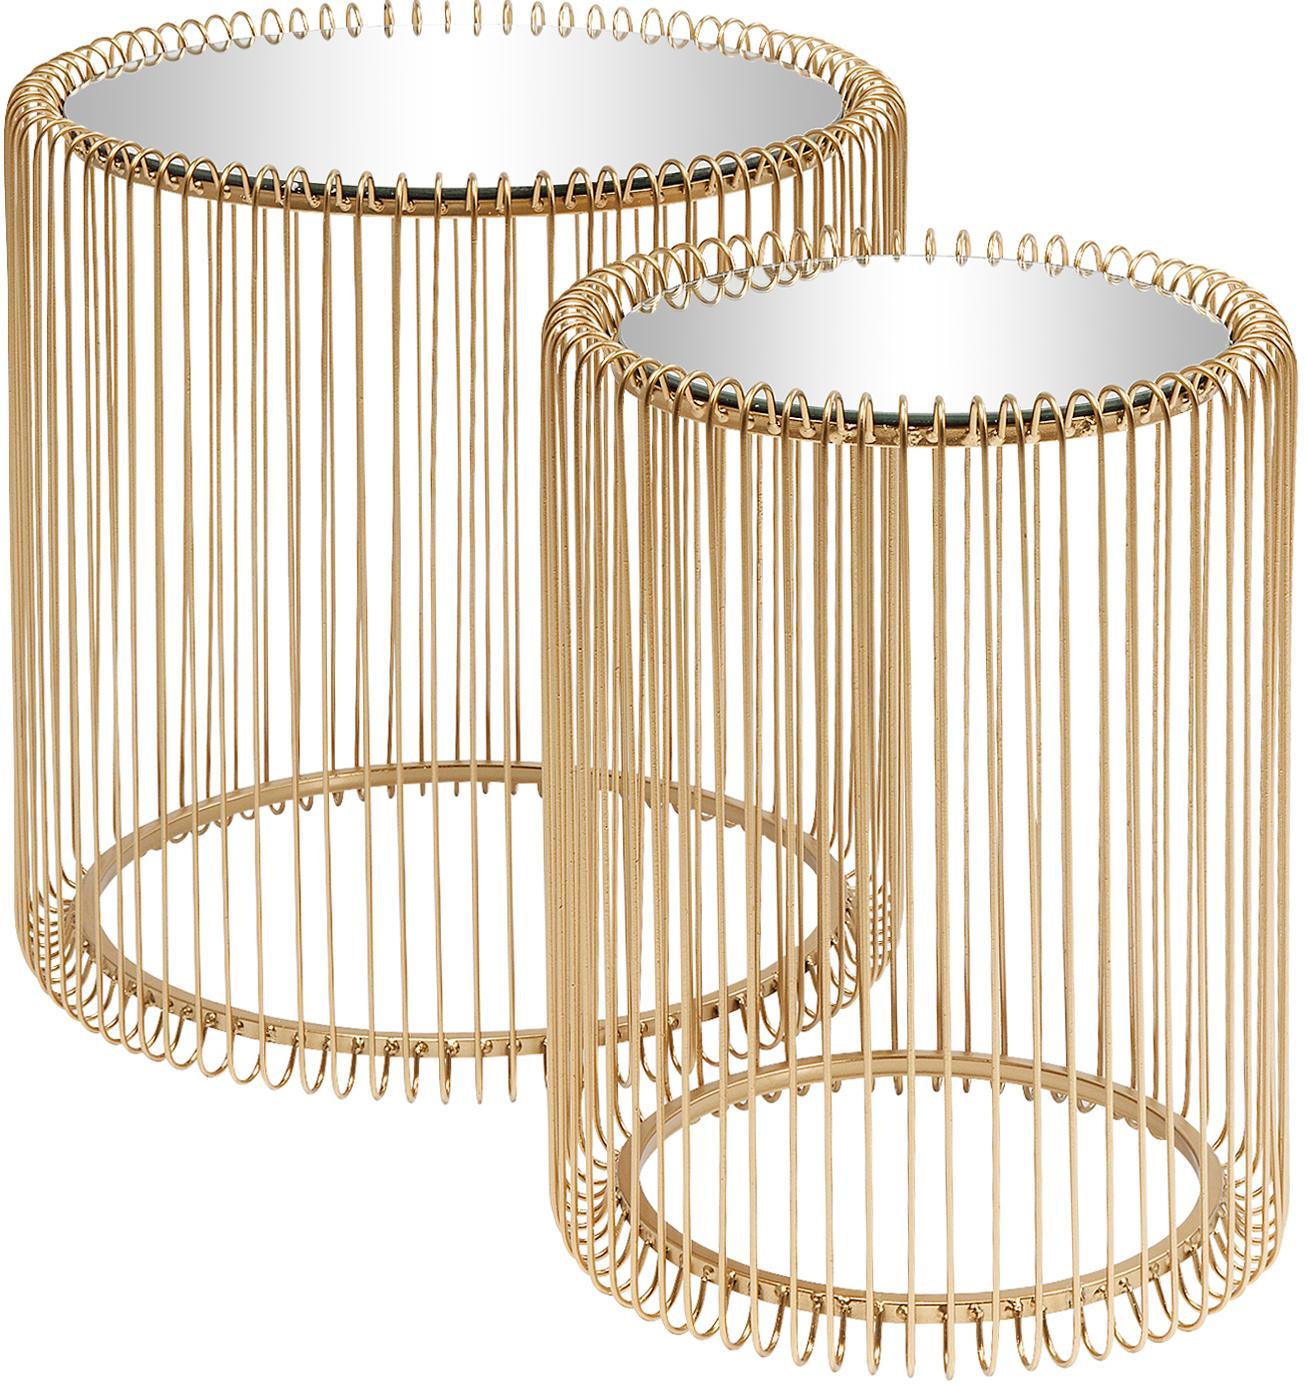 Komplet stolików pomocniczych z metalu ze szklanym blatem Wire, 2 elem., Stelaż: metal malowany proszkowo, Blat: szkło hartowane, foliowan, Złoty, Różne rozmiary